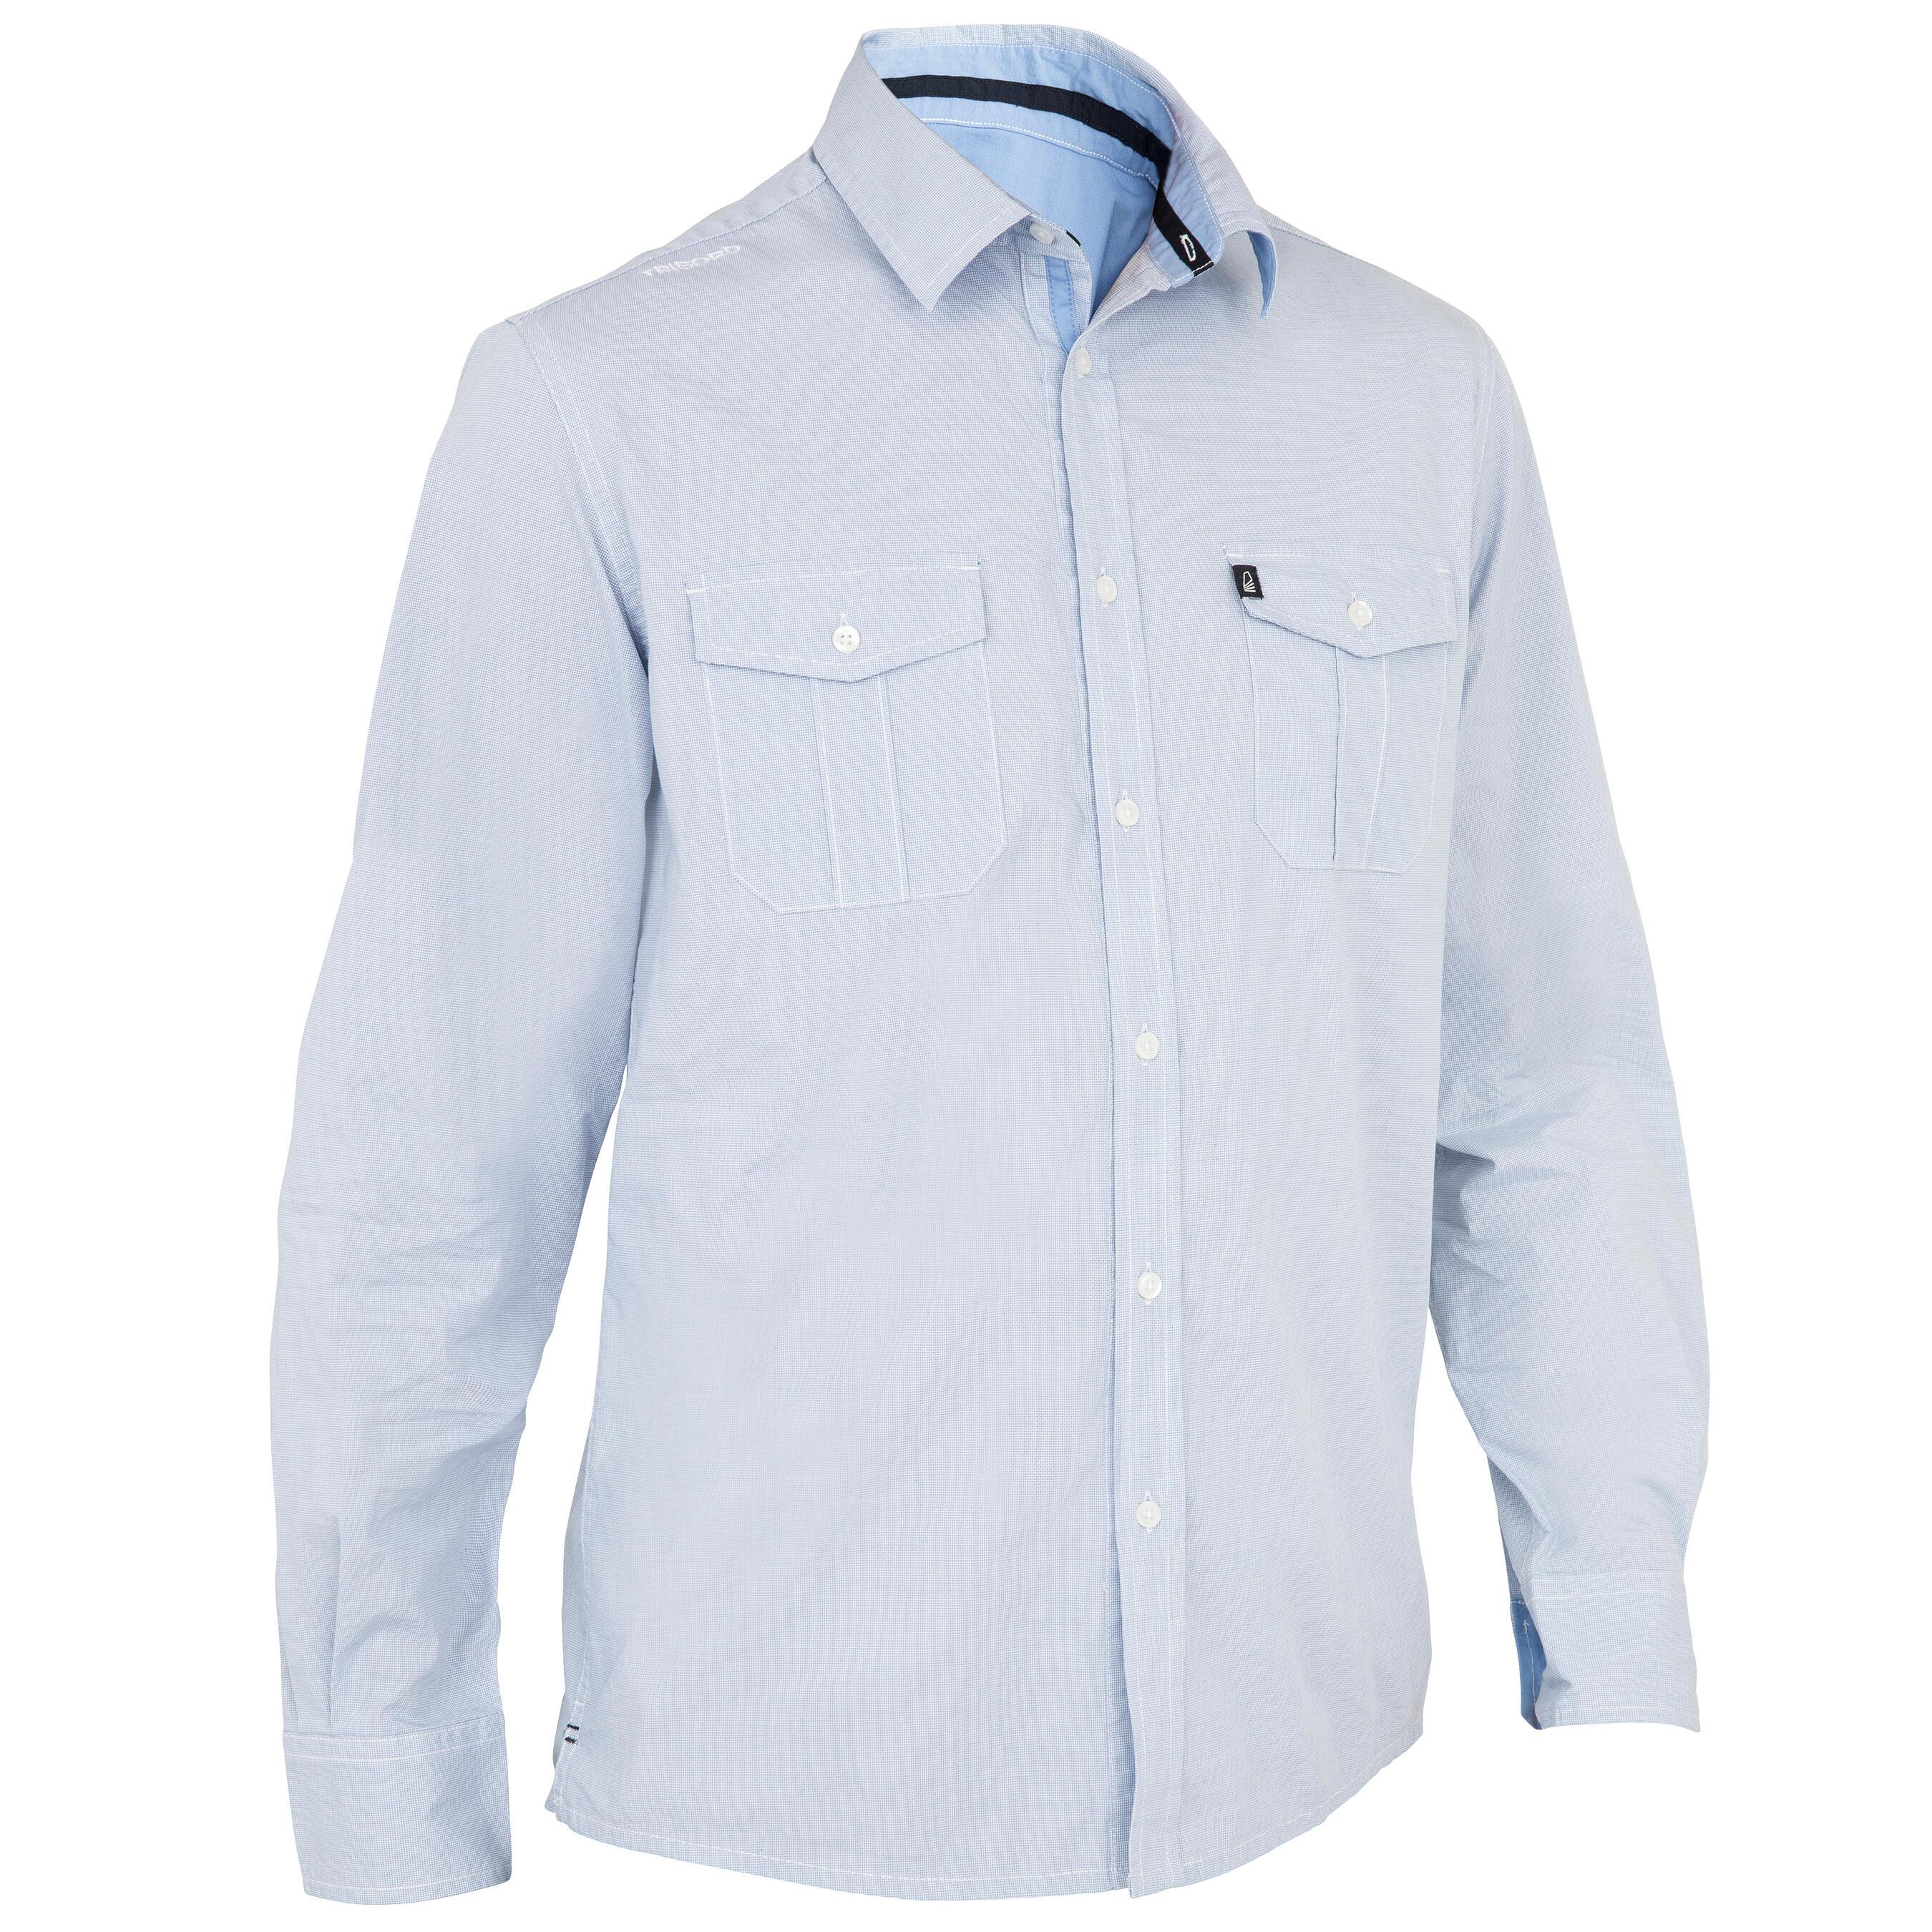 Overhemd Kopen Heren.Tribord Heren Overhemd 100 Voor Zeilen Blauw Kopen Met Voordeel